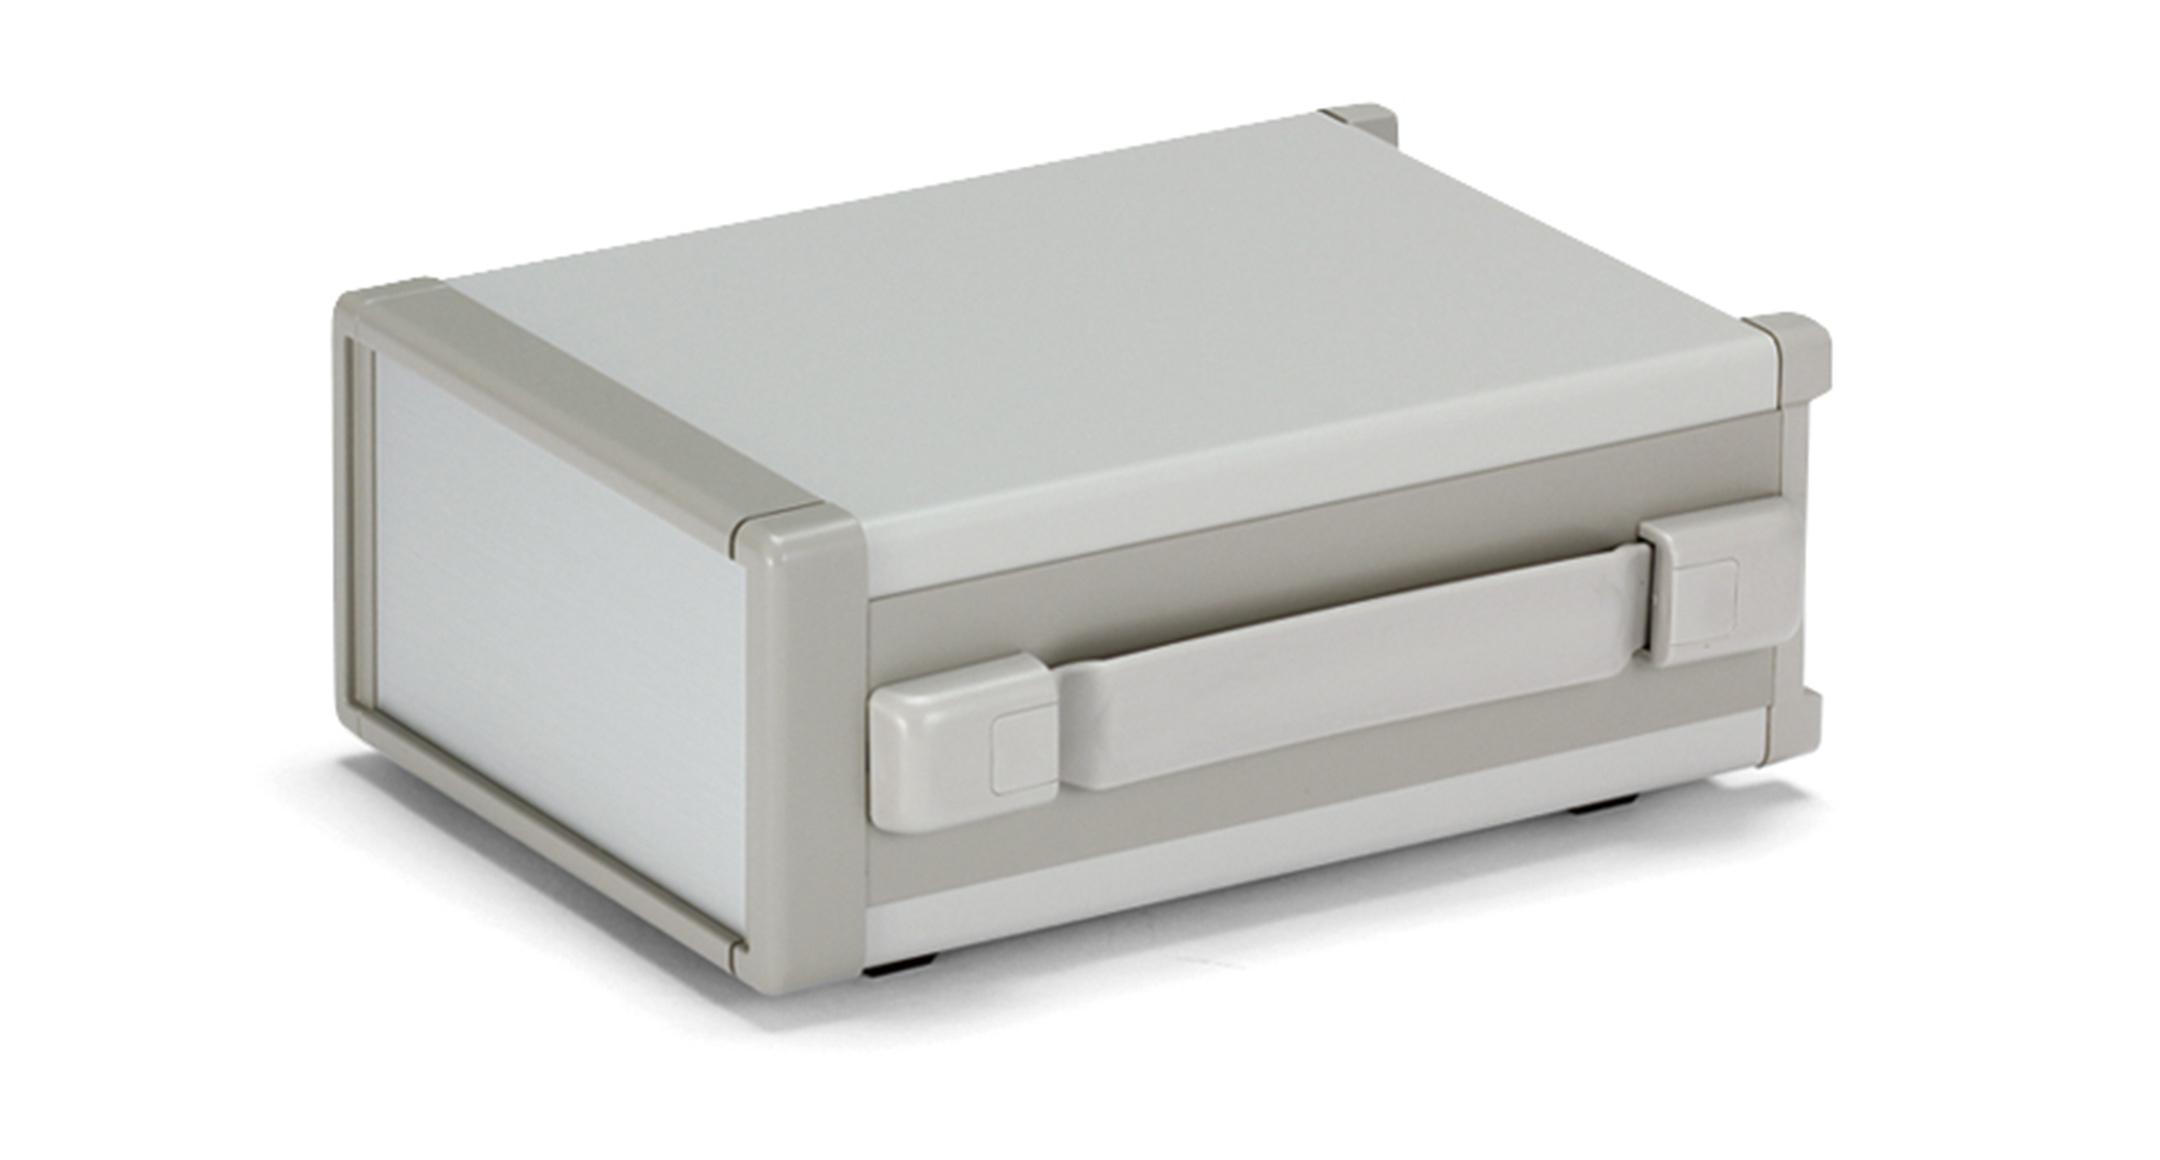 バンド取手付システムケース MSYシリーズ(上下カバー鉄製):グレー/シルバーの画像